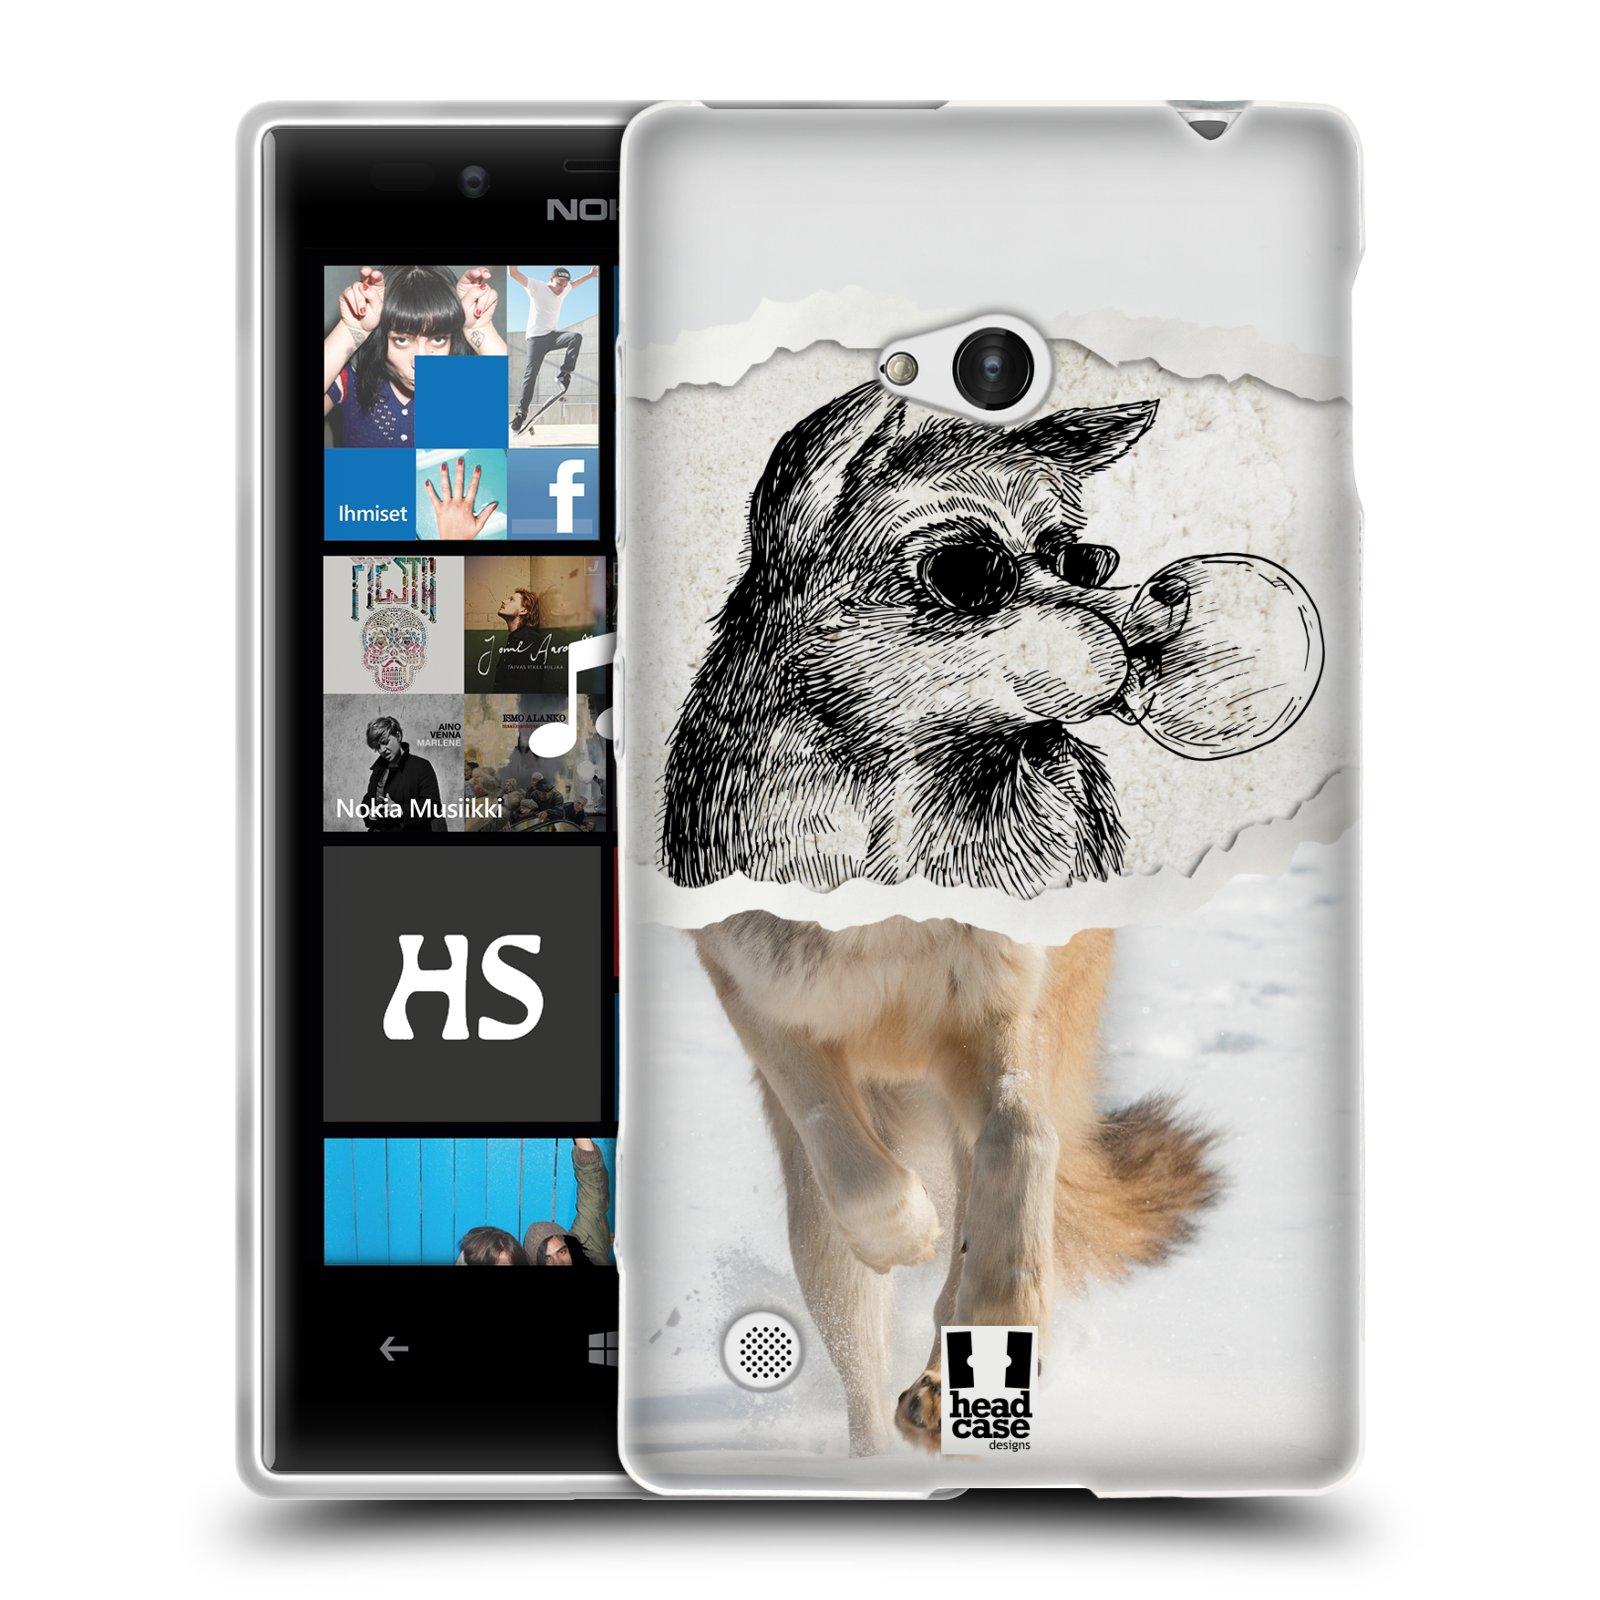 HEAD CASE silikonový obal na mobil NOKIA Lumia 720 vzor zvířata koláž vlk pohodář